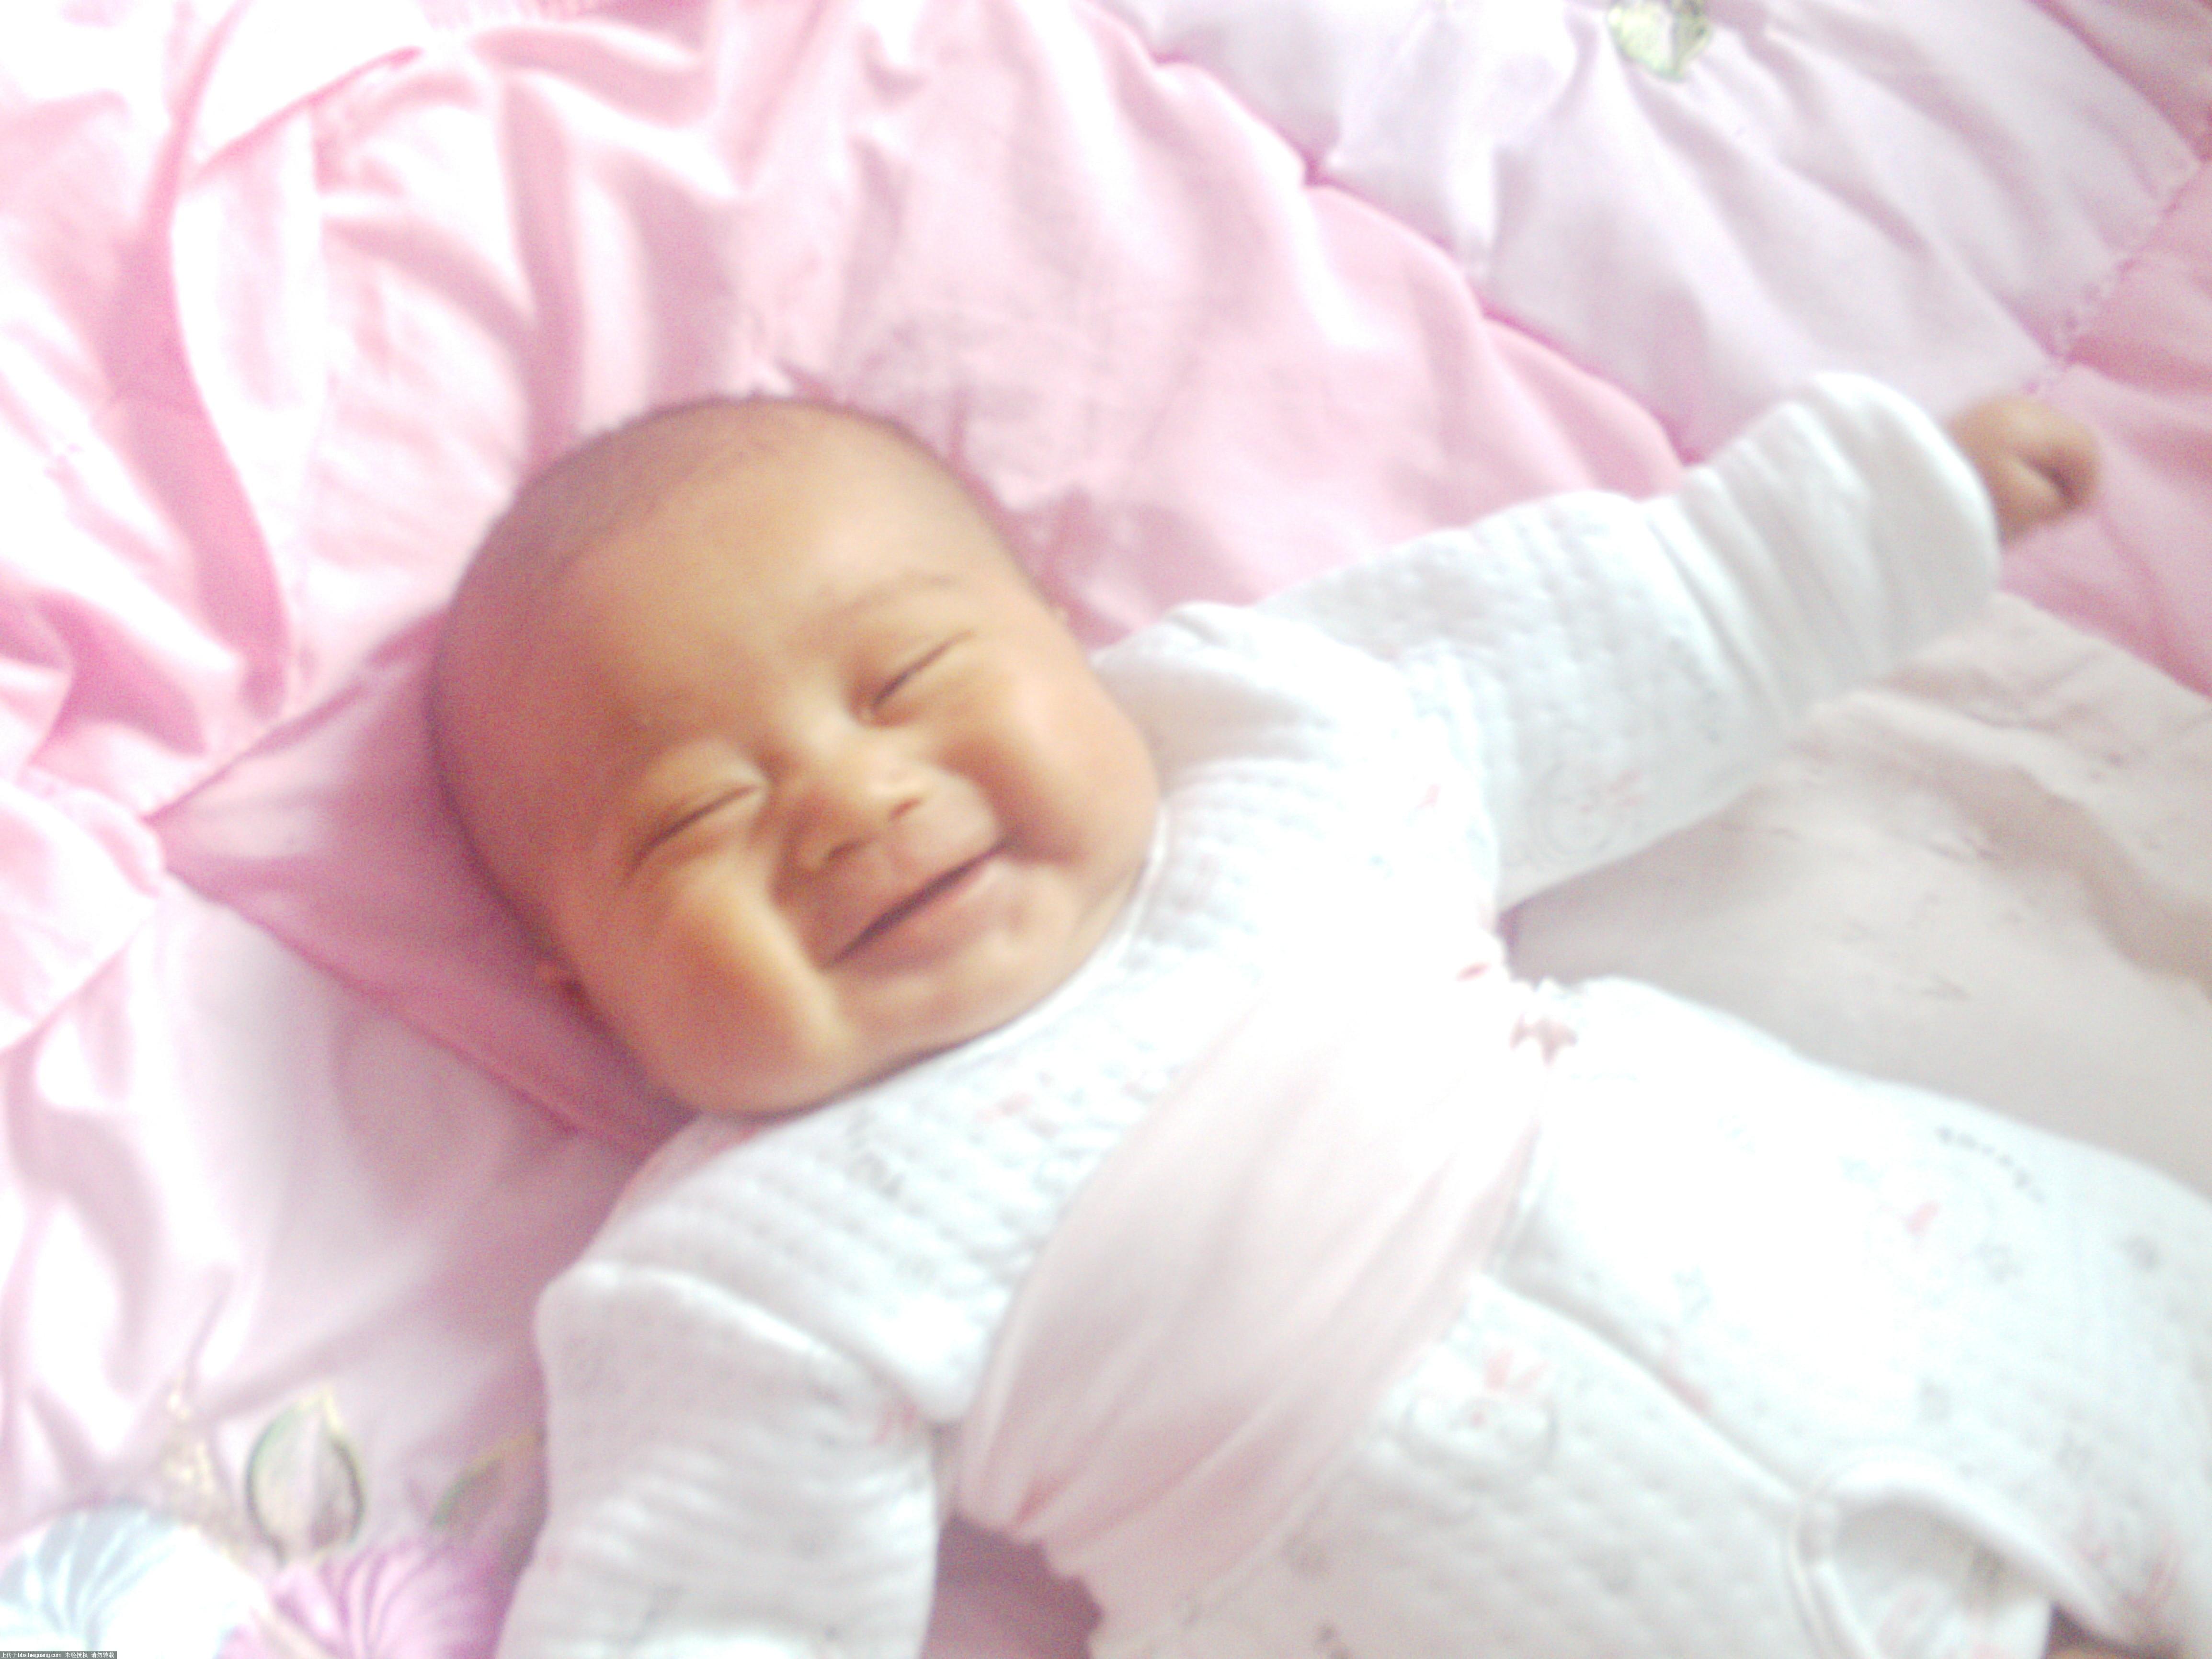 宝宝 壁纸 孩子 小孩 婴儿 4618_3464